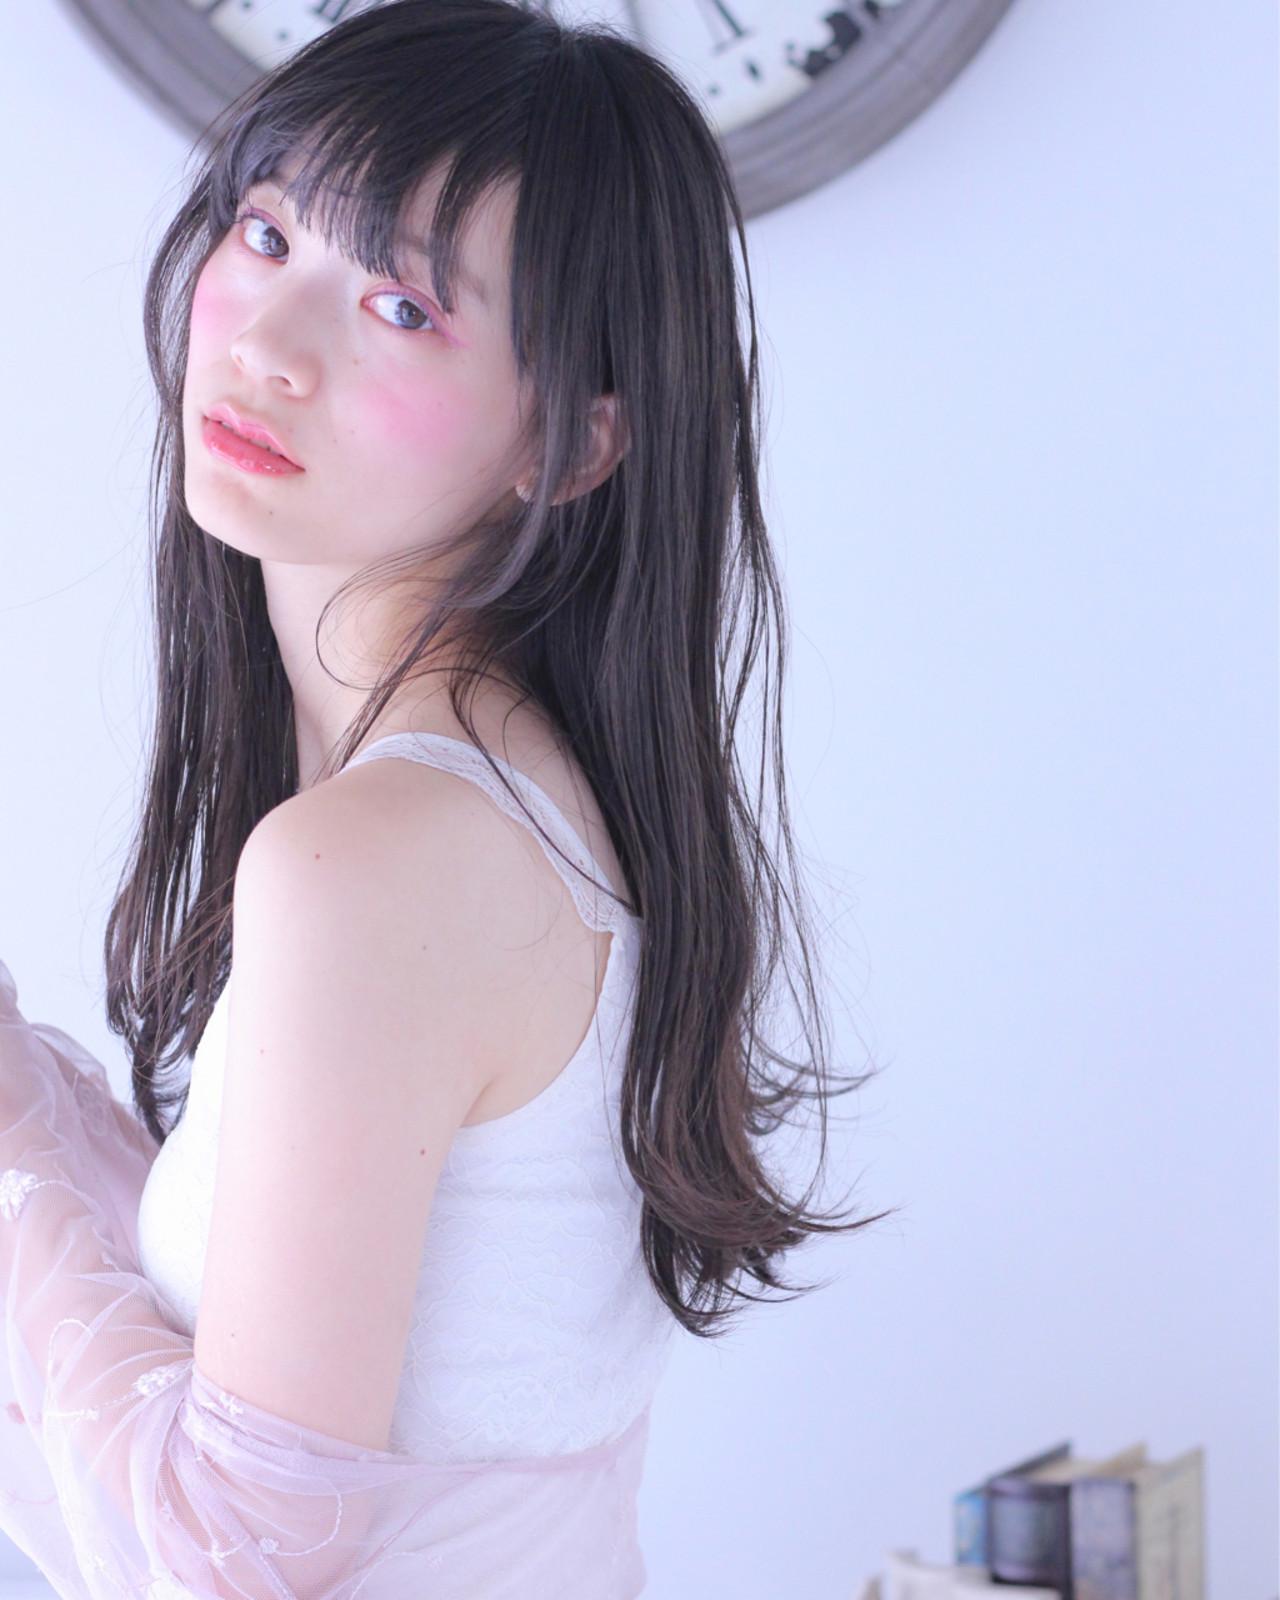 美人を目指すなら黒髪ロングのオルチャンヘア Wataru Maeda | cache cache